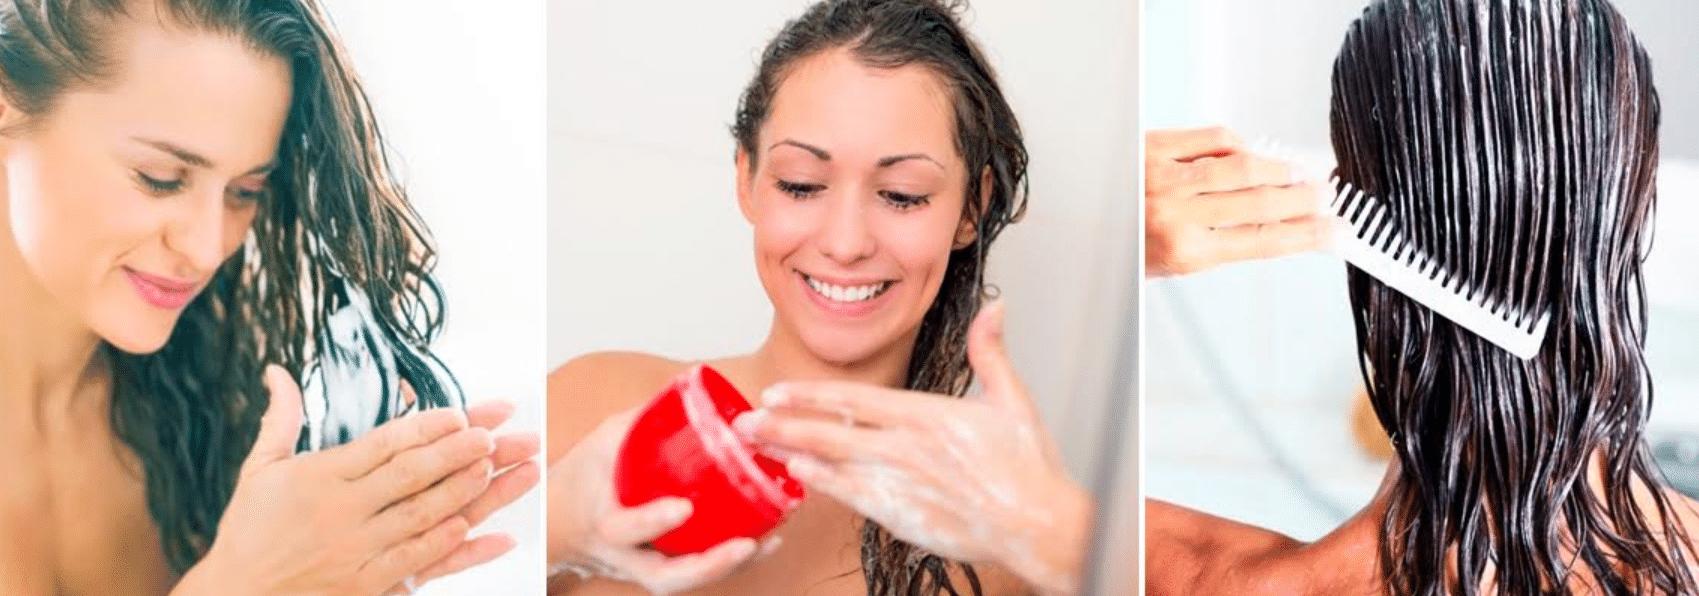 imagens de mulheres hidratando os fios após pintarem o cabelo em casa